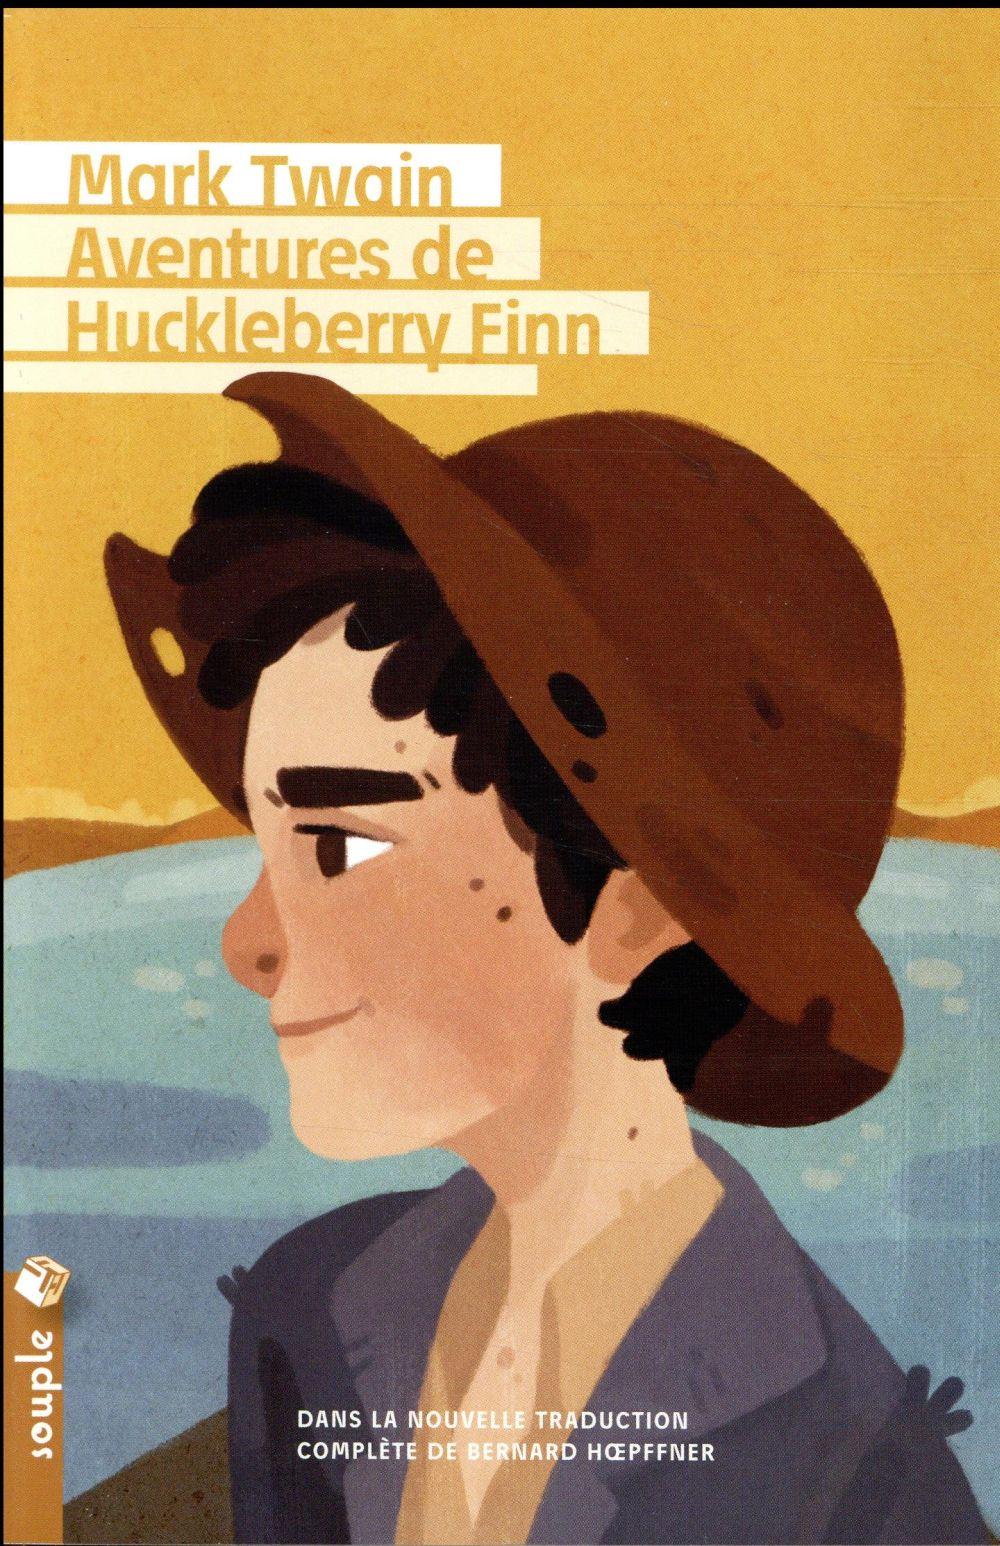 AVENTURES DE HUCKLEBERRY FINN